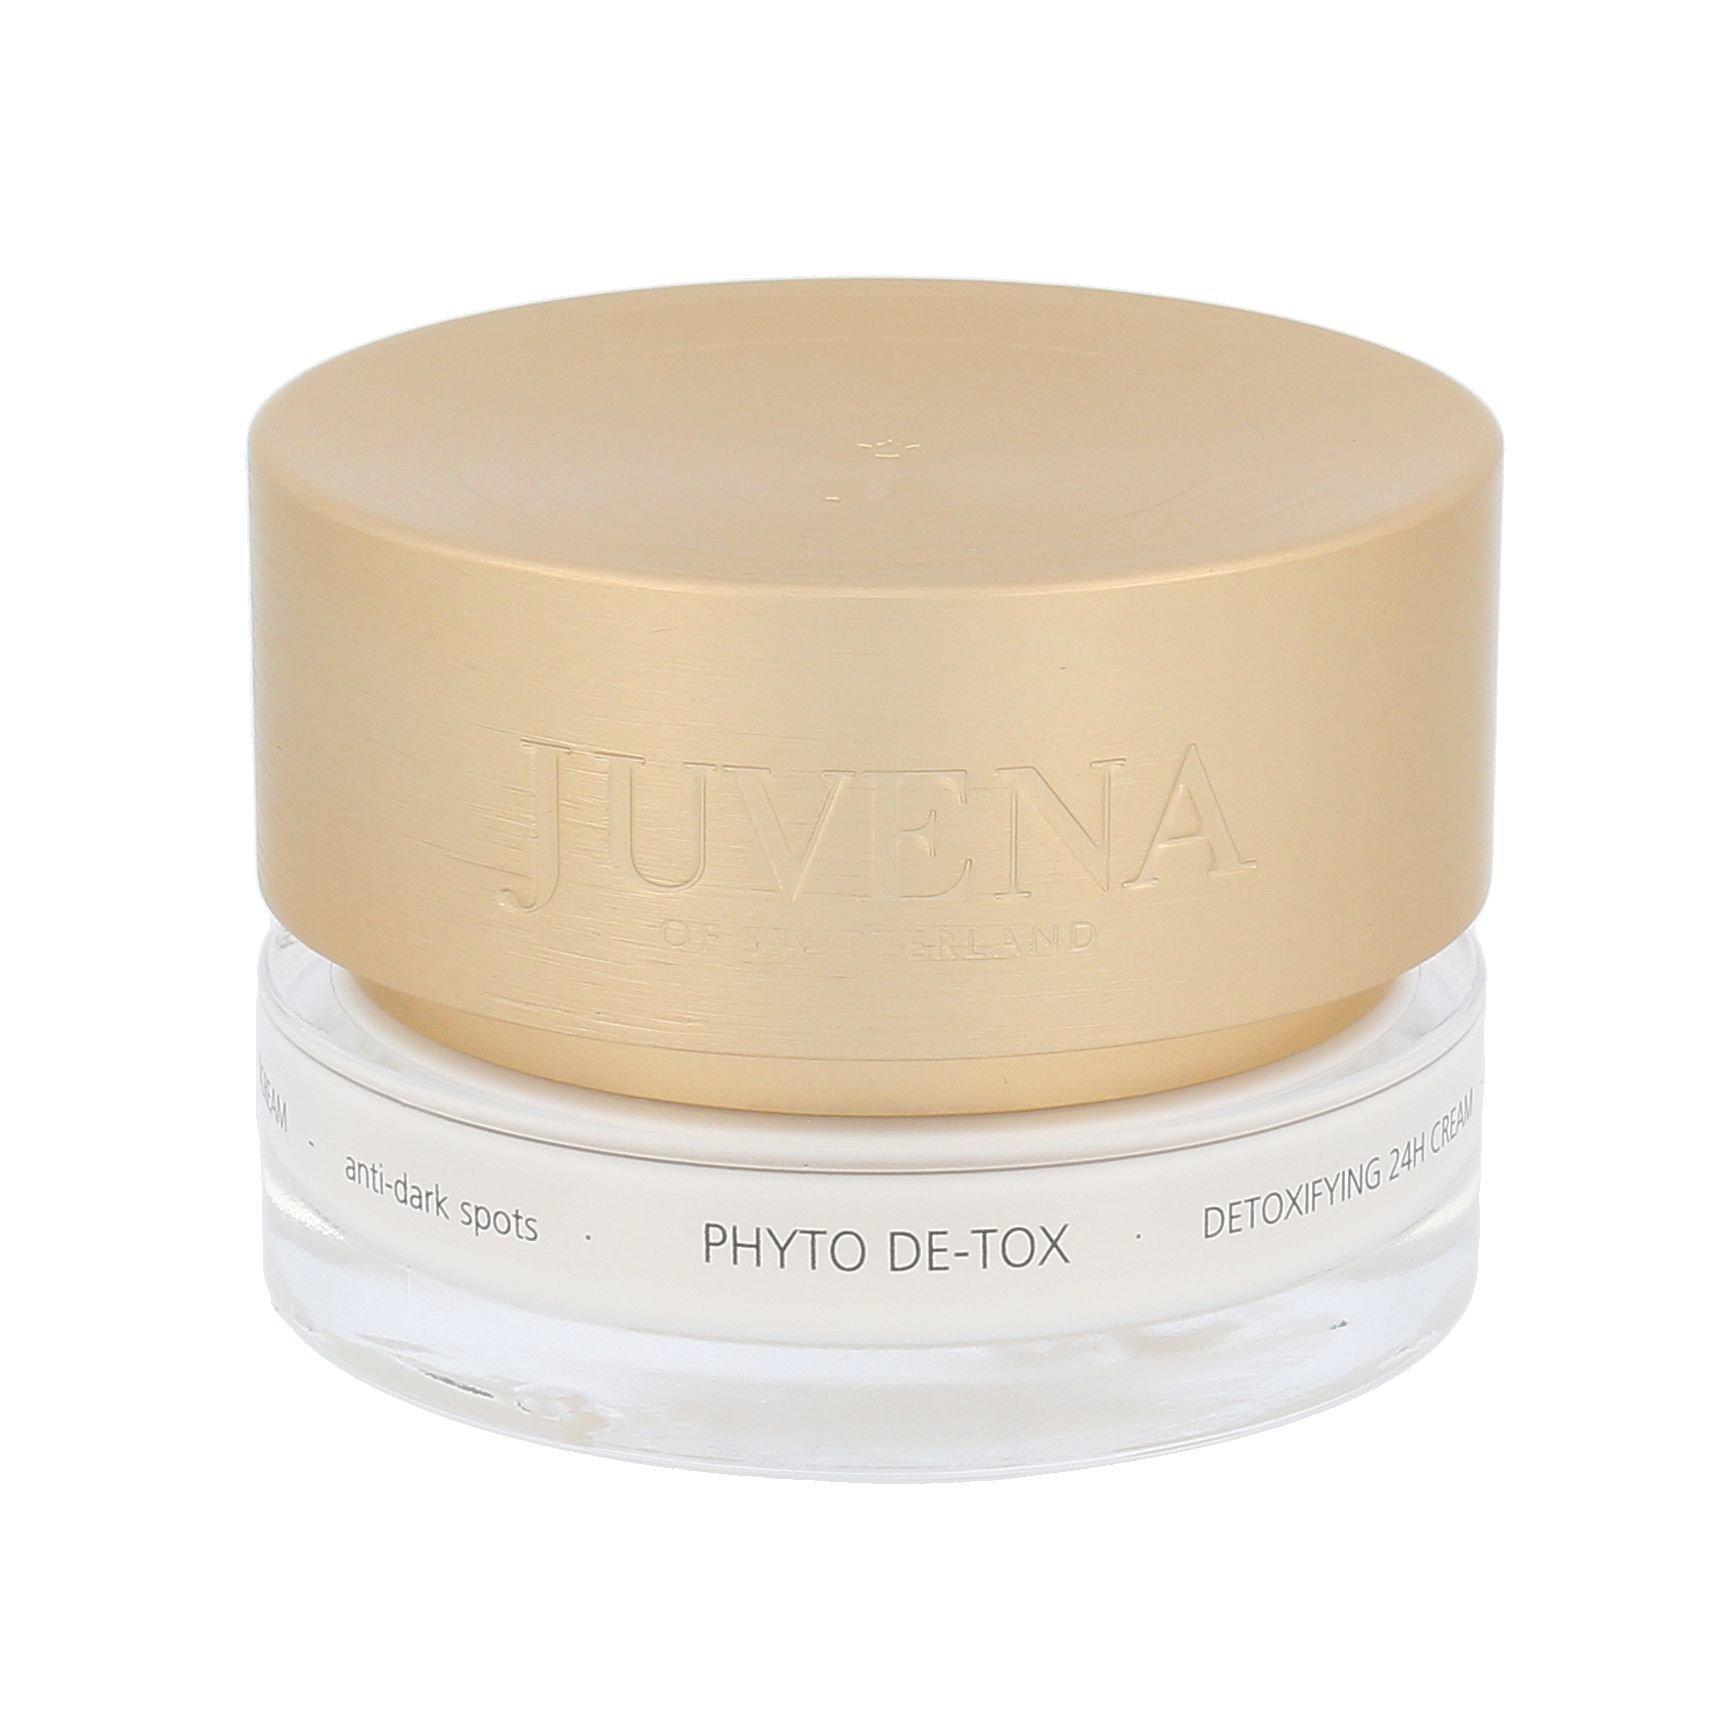 Juvena Phyto De-Tox Cosmetic 50ml